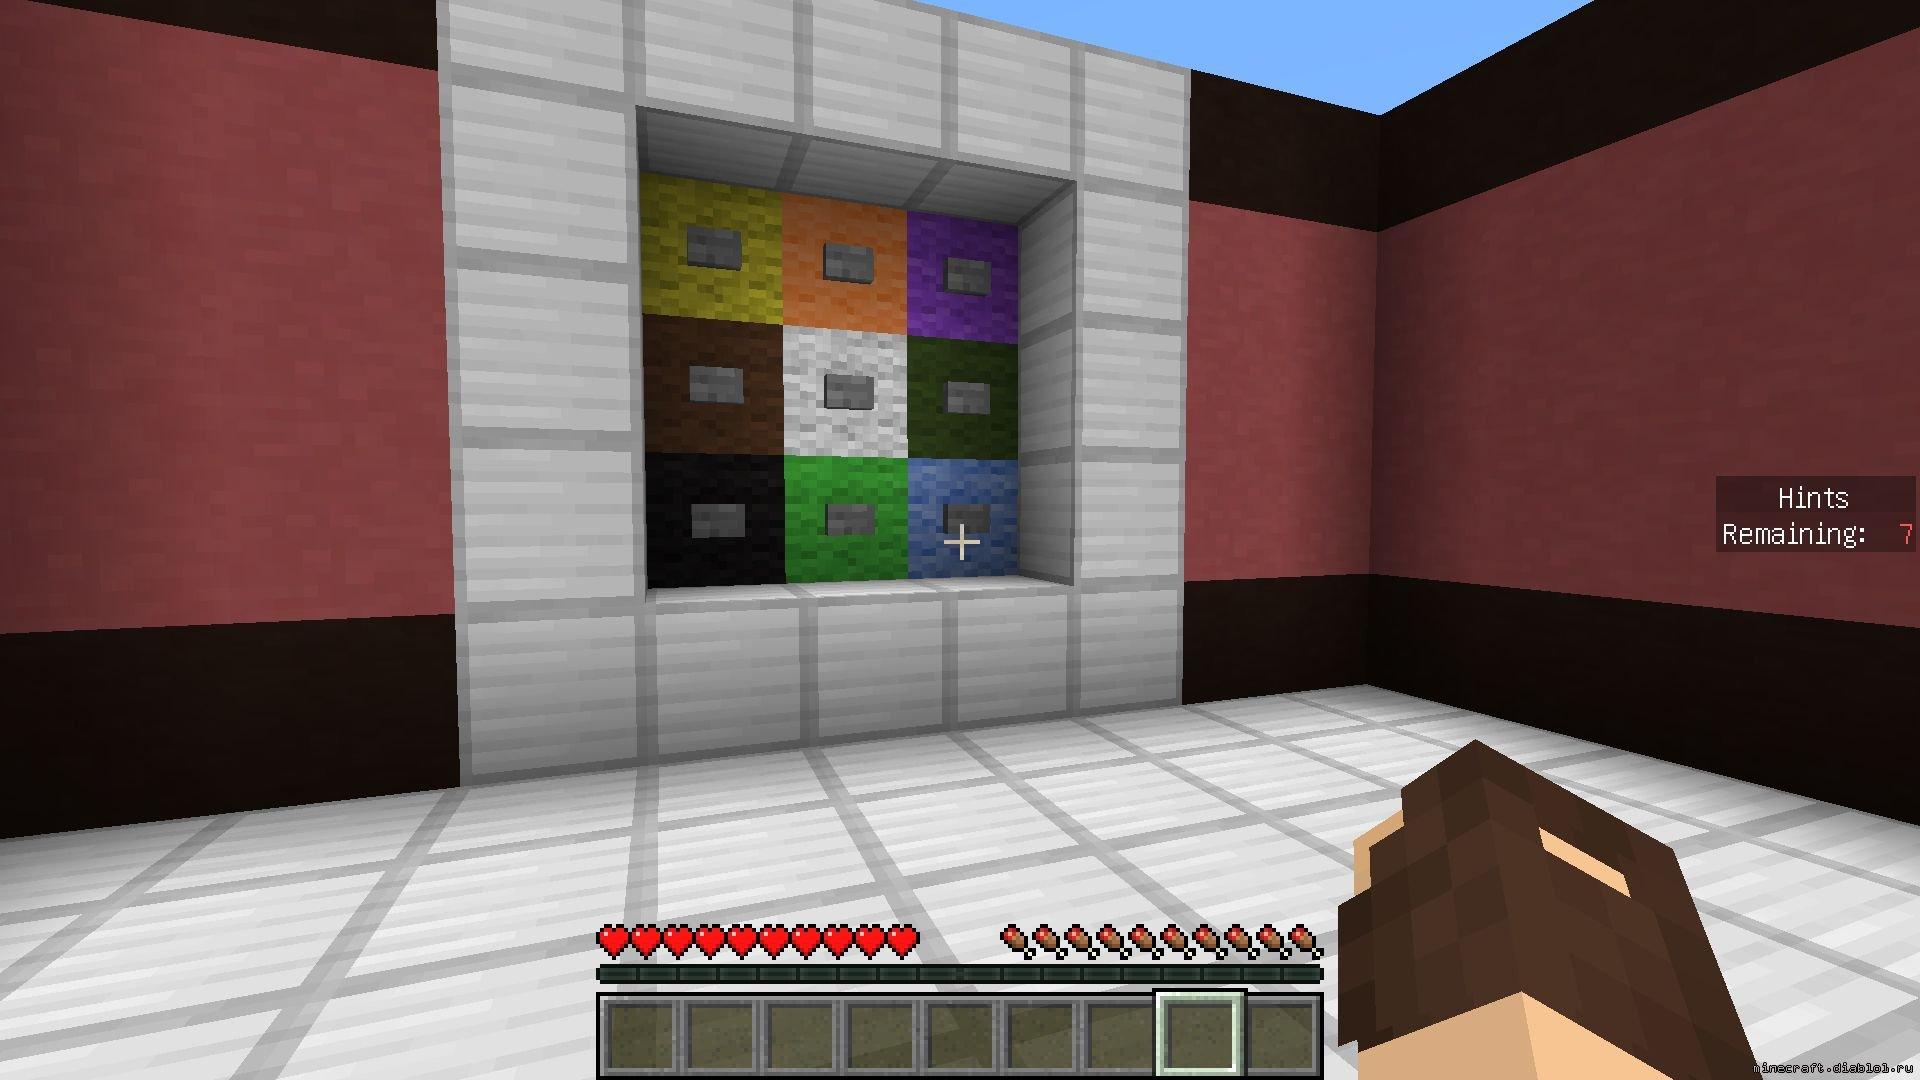 Скачать Diversity для майнкрафт - Minecraft map diversity 2 1 11